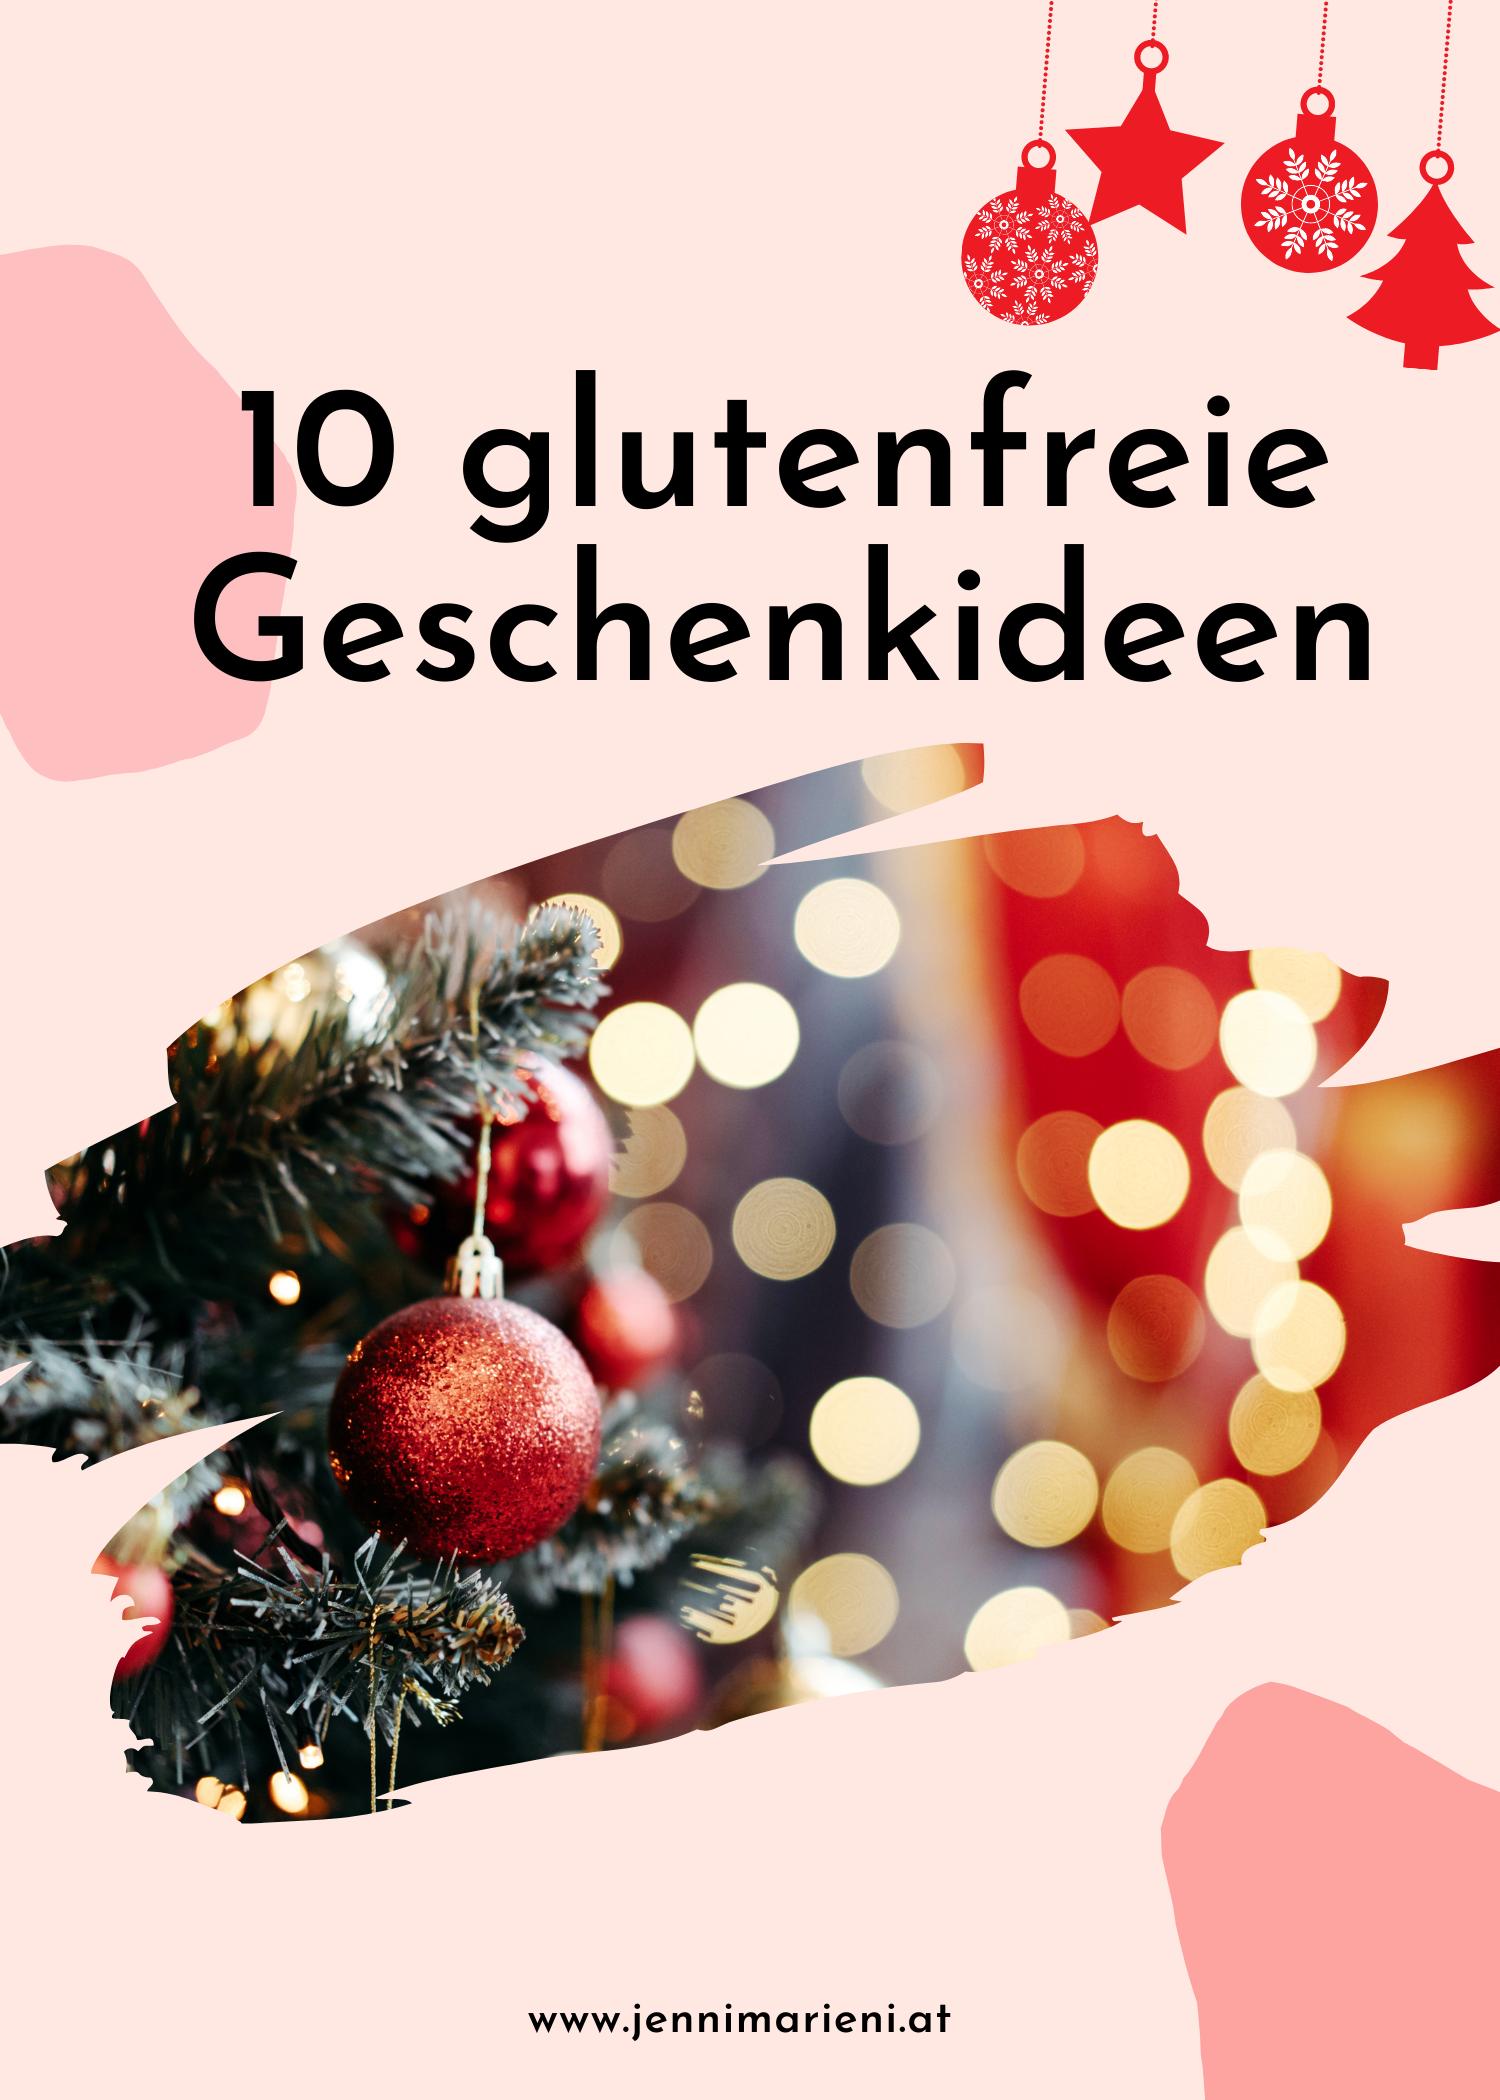 10 glutenfreie Geschenkideen für alle mit Zöliakie